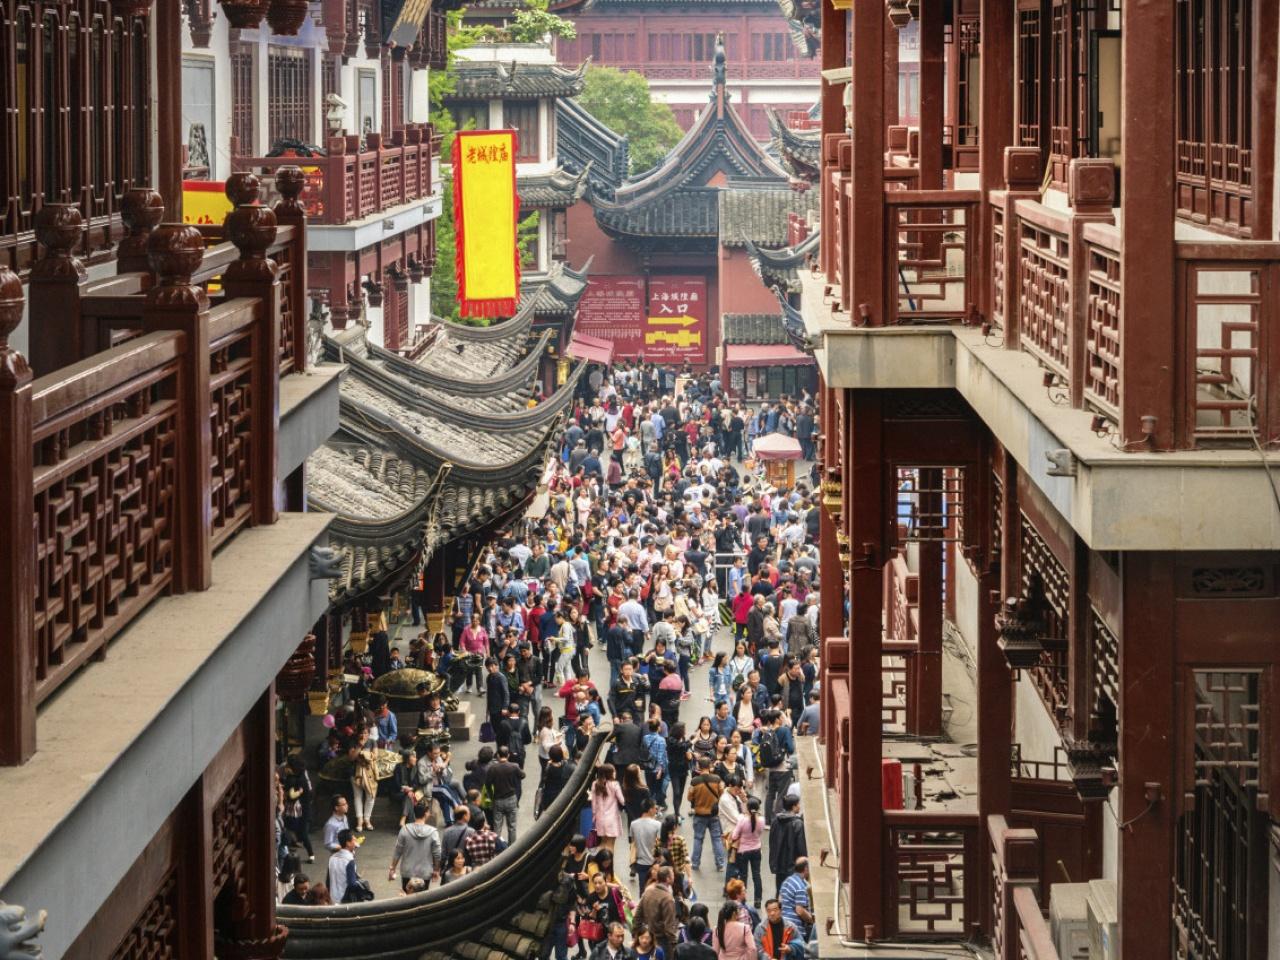 中國的旅遊市場龐大且極具潛力,線上旅行社和元搜索引擎在中國同樣競爭激烈。(Getty Images)